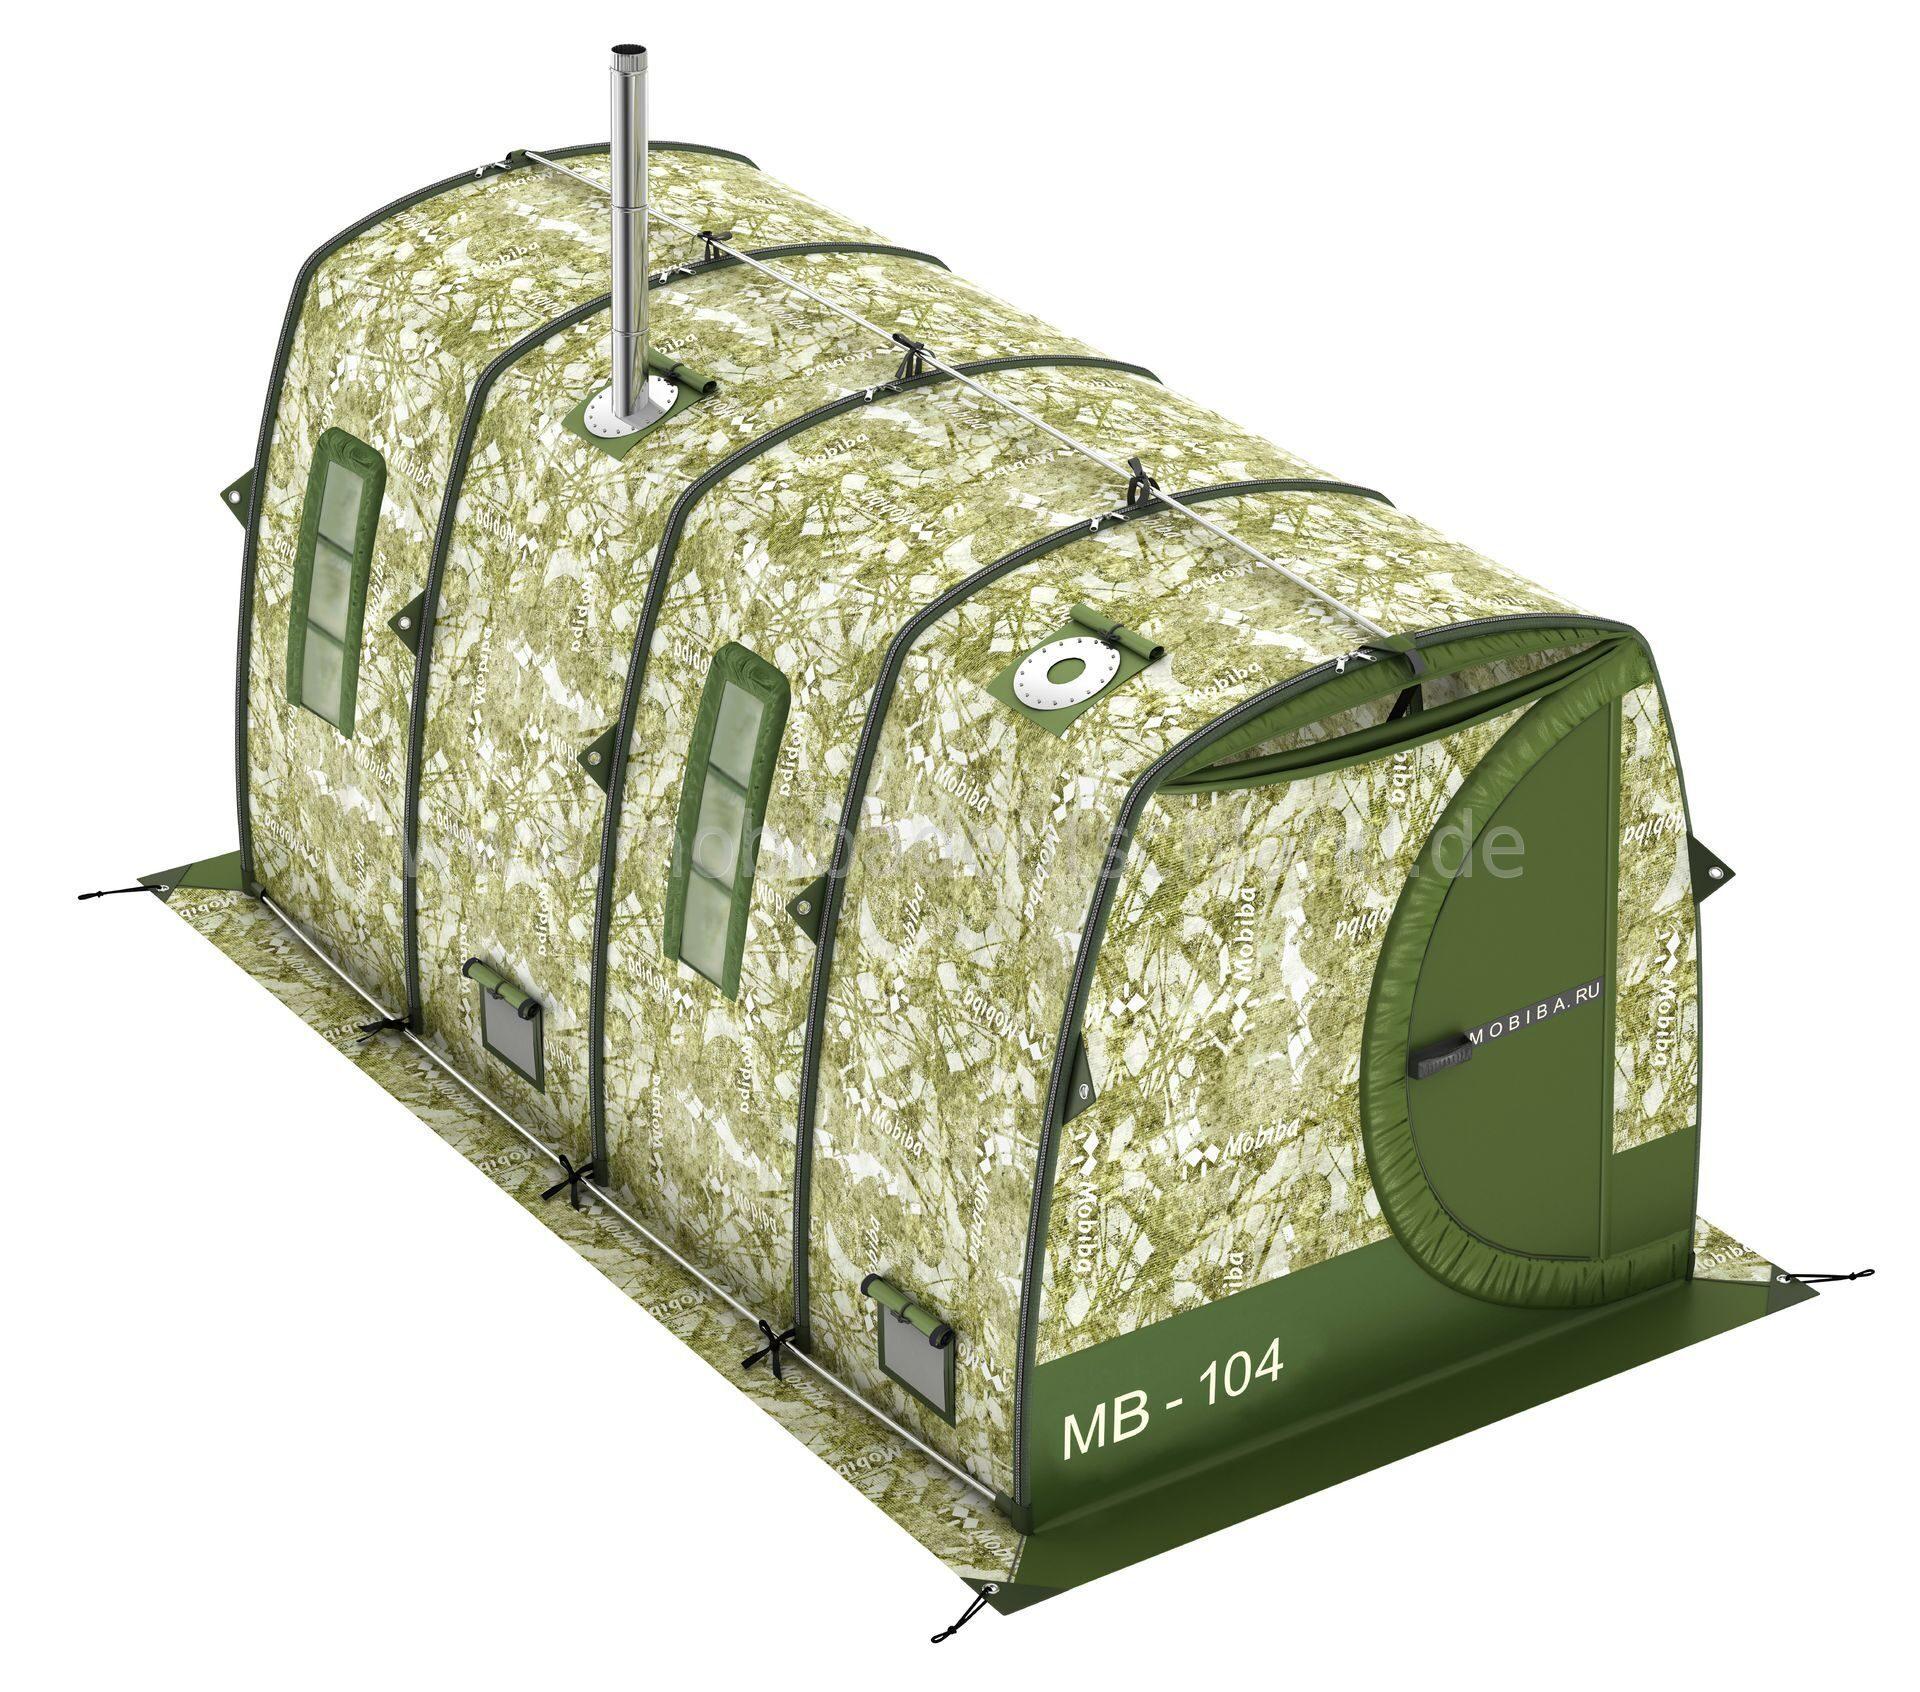 mb 104 ist eine gute alternative f r eine fasssauna passt ins kofferraum. Black Bedroom Furniture Sets. Home Design Ideas